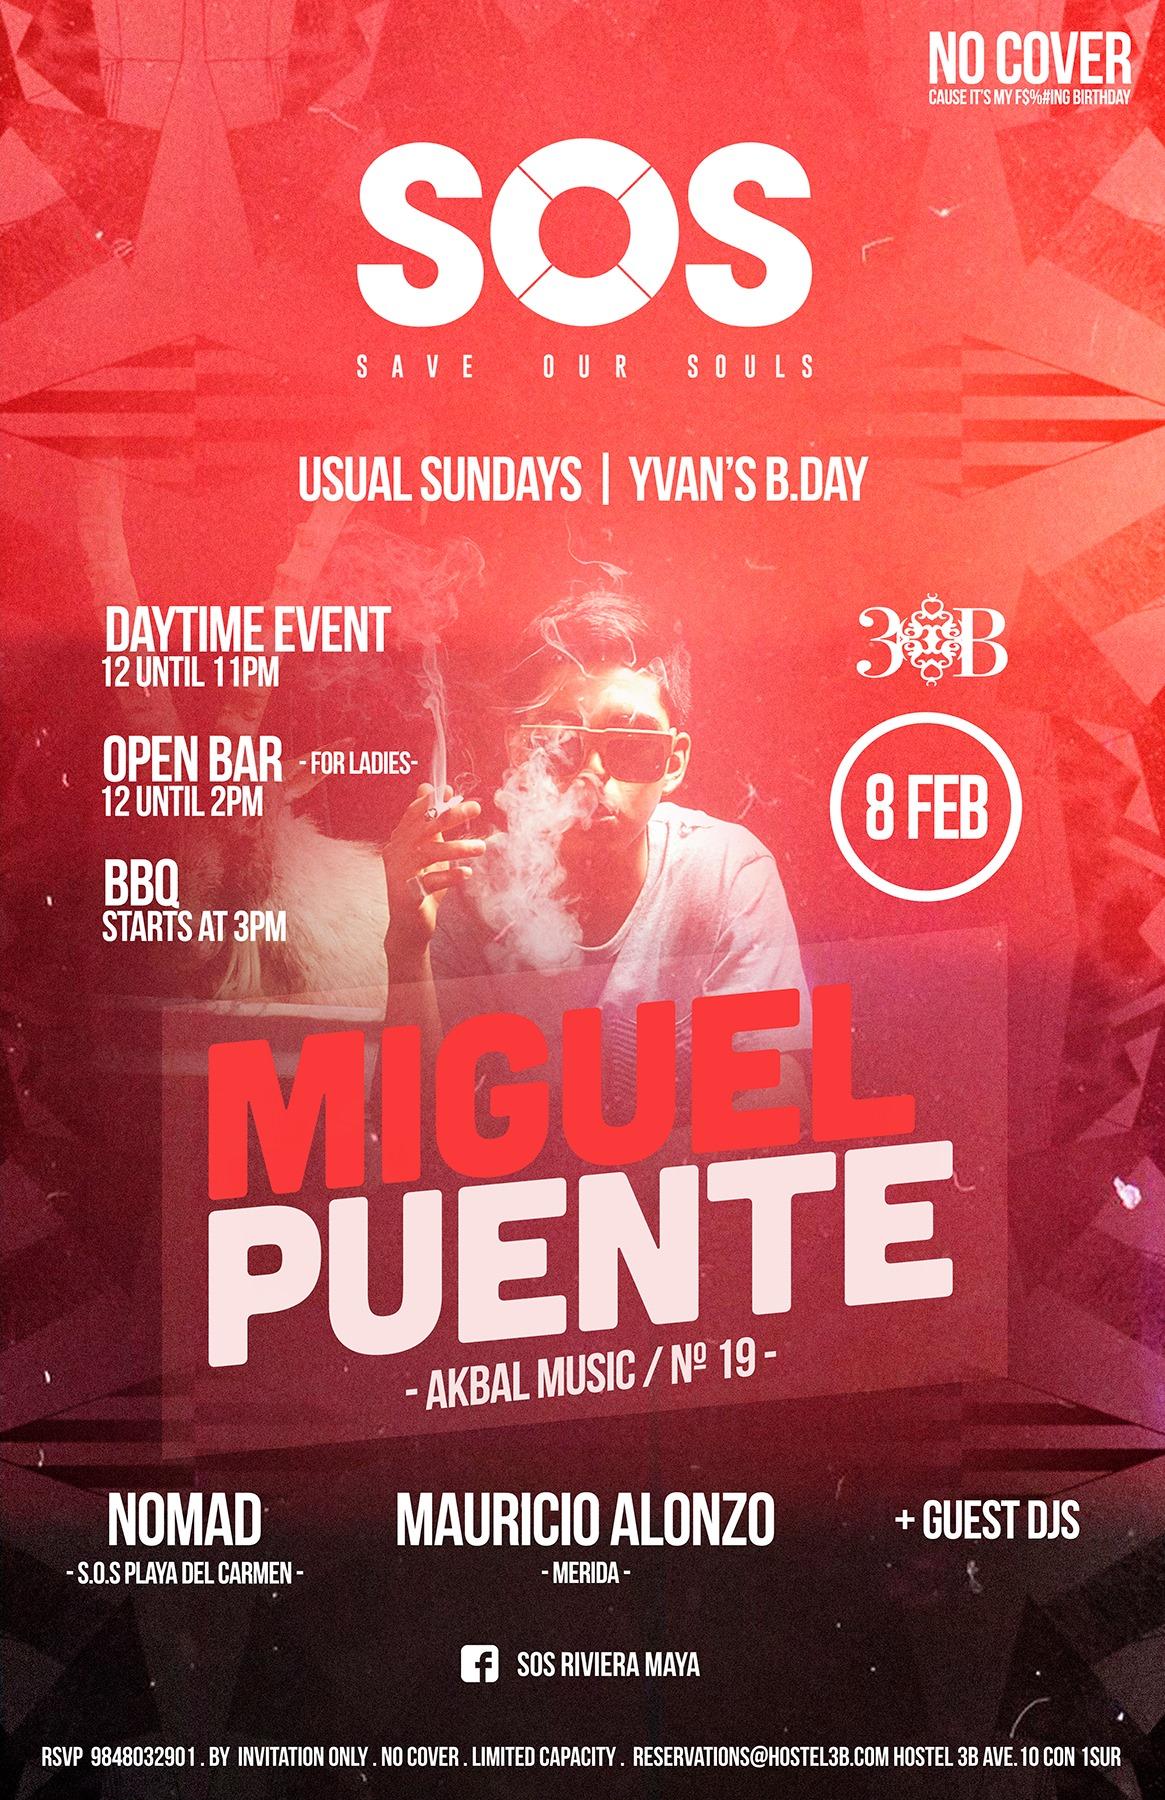 Miguel Puente @ SOS Lounge